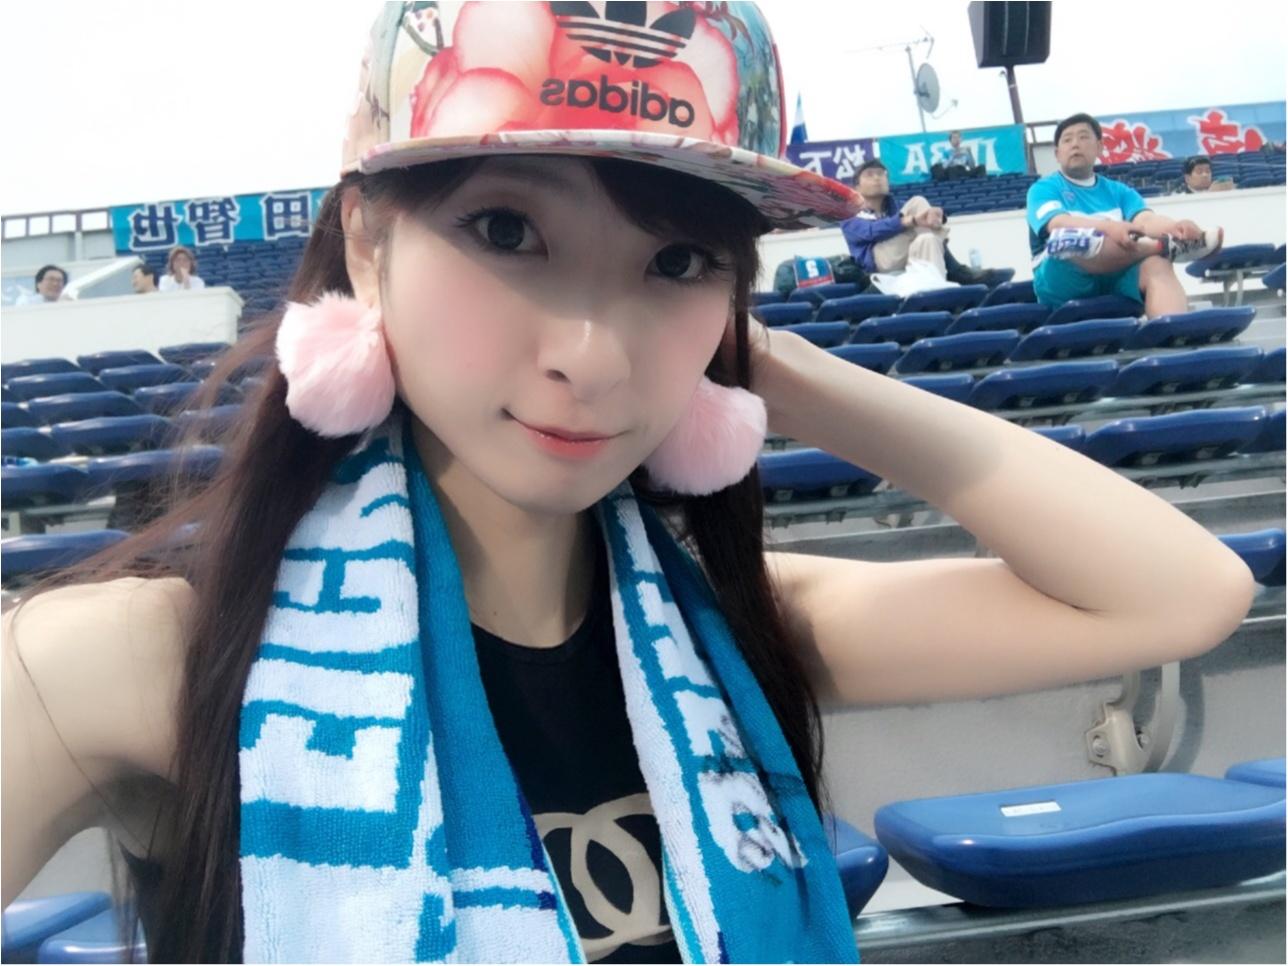 ♡【サッカー観戦】横浜FCvs水戸ホーリーホック♡モアハピ◡̈のぞみ♡_8